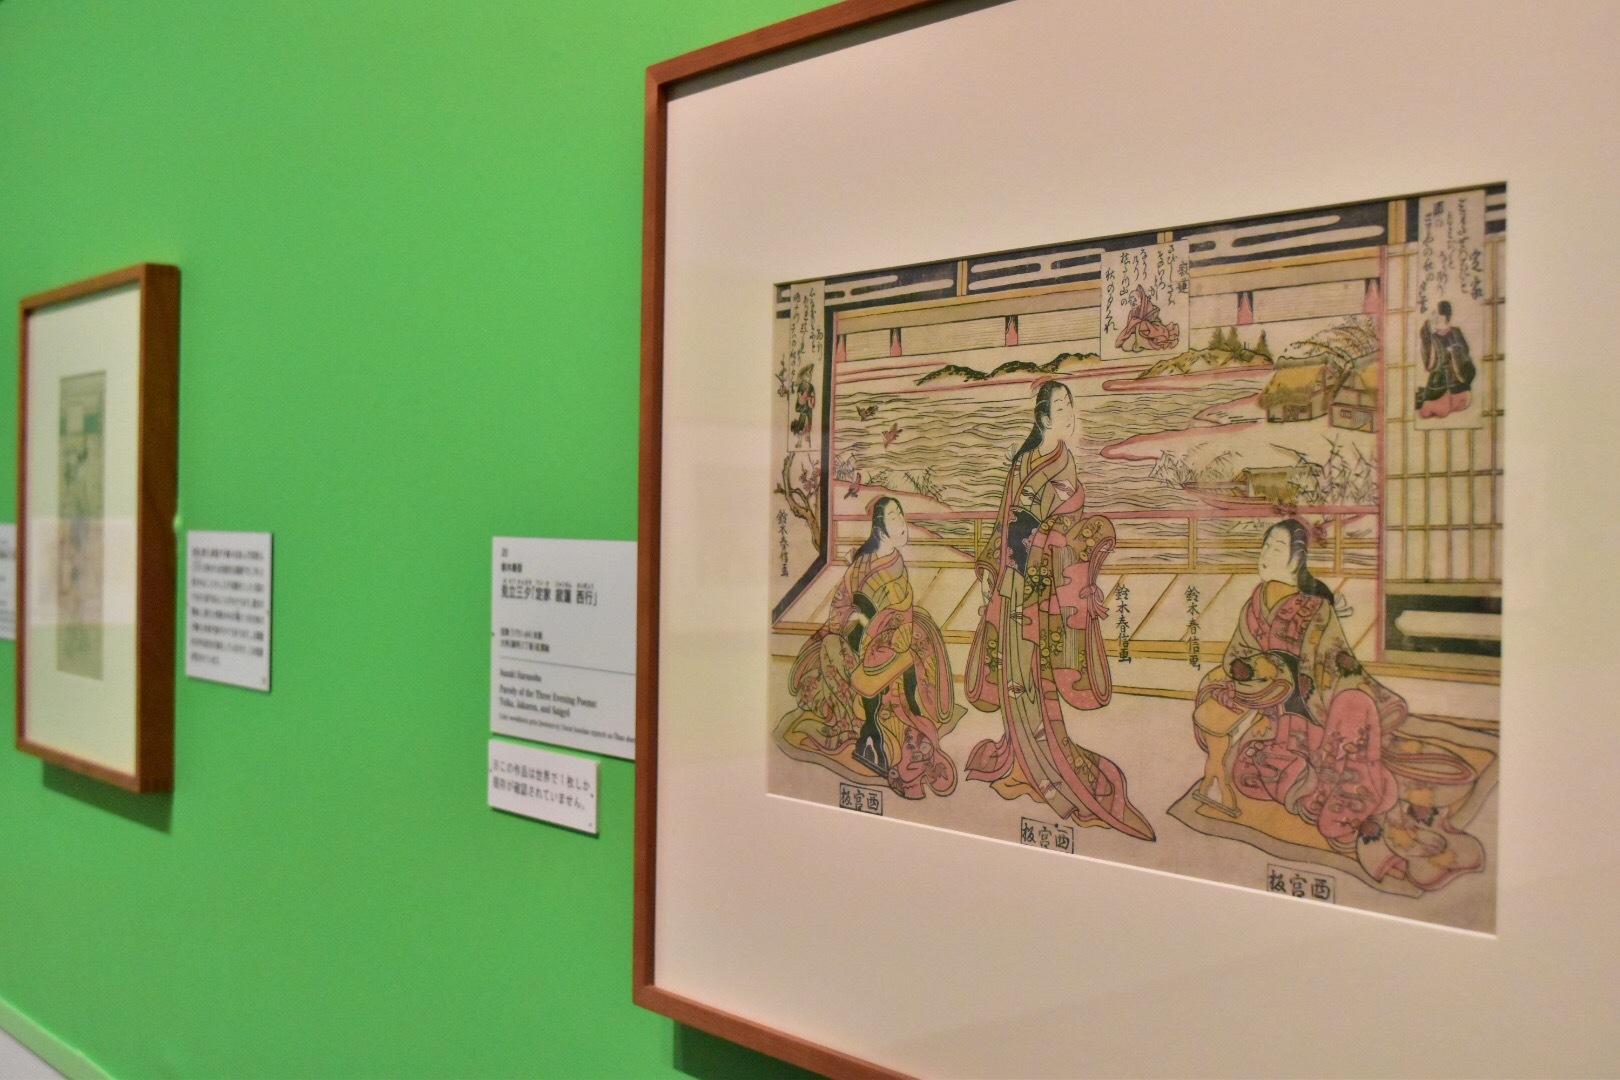 鈴木春信 《見立三夕「定家 寂蓮 西行」》 宝暦(1751-64)末期 大判紅摺絵